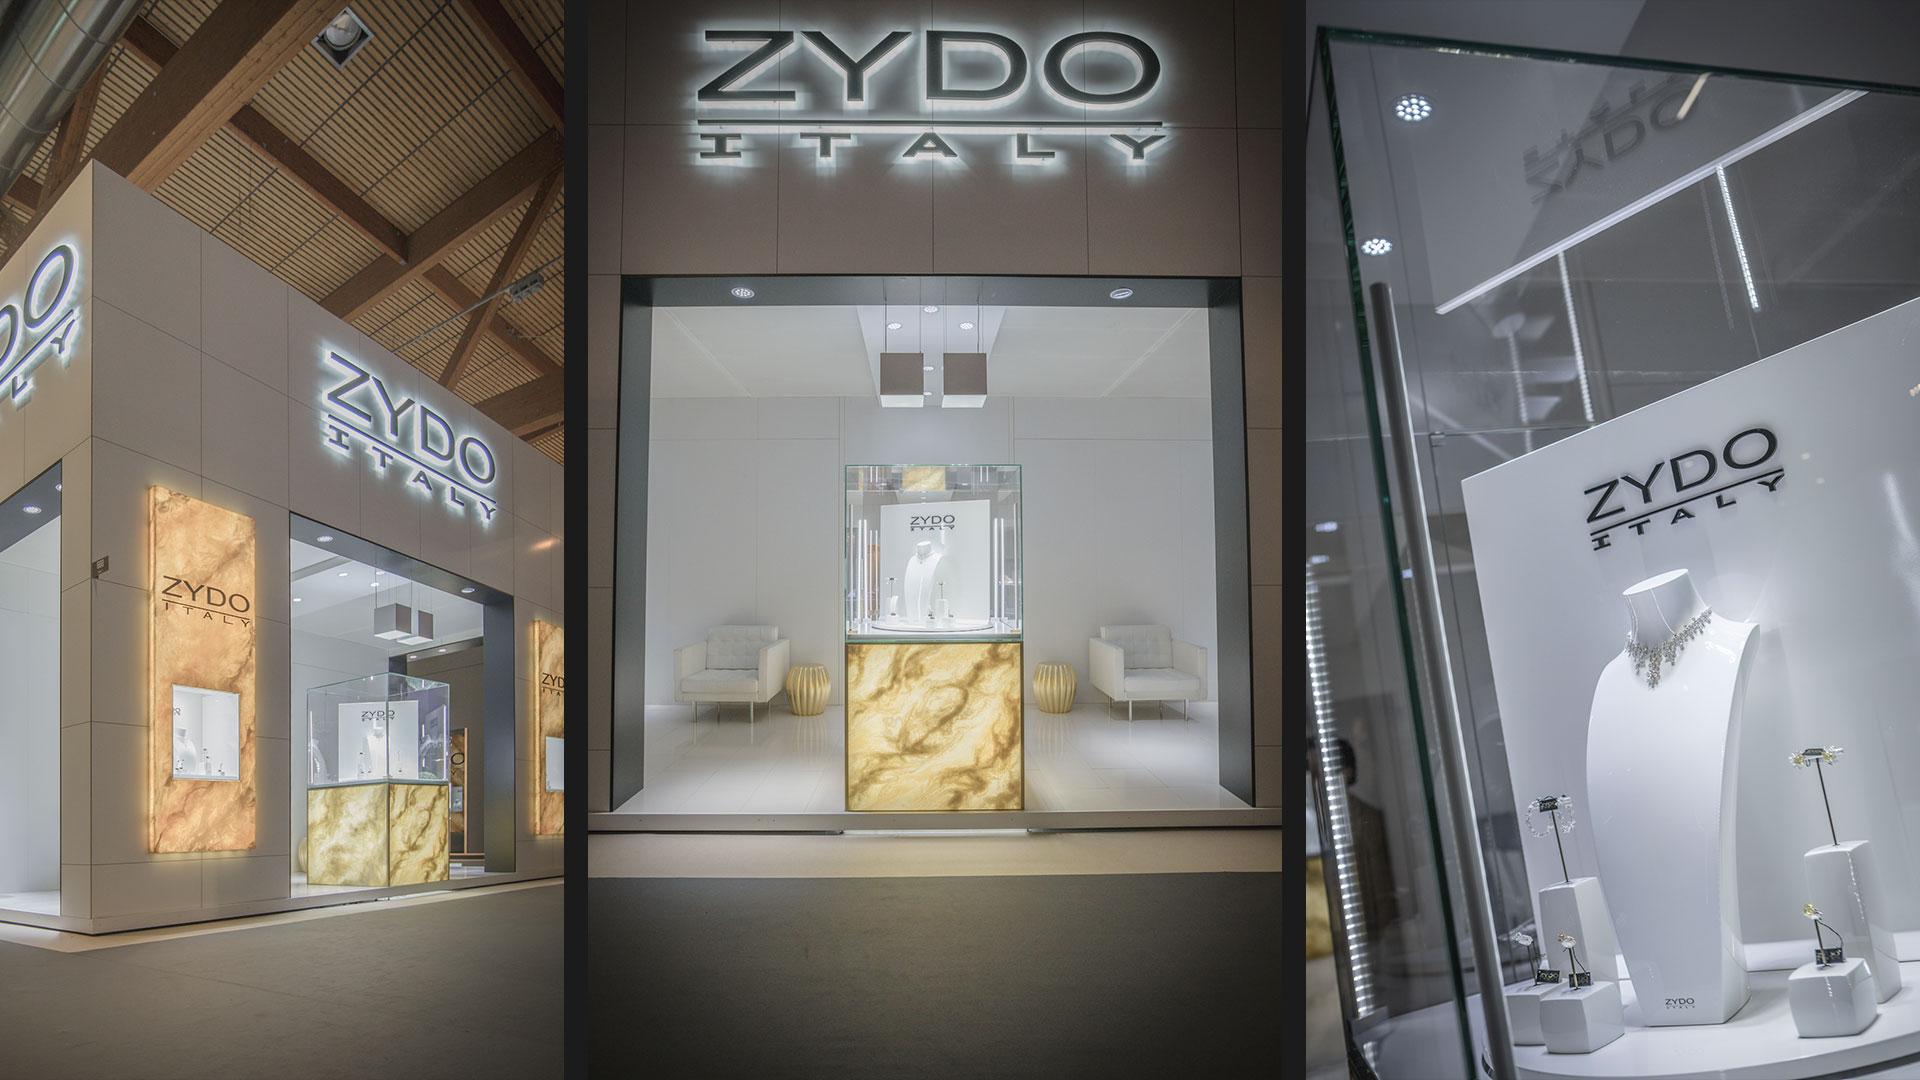 Realizzazione stand fiere VicenzaOro - Zydo | Foster Allestimenti 06